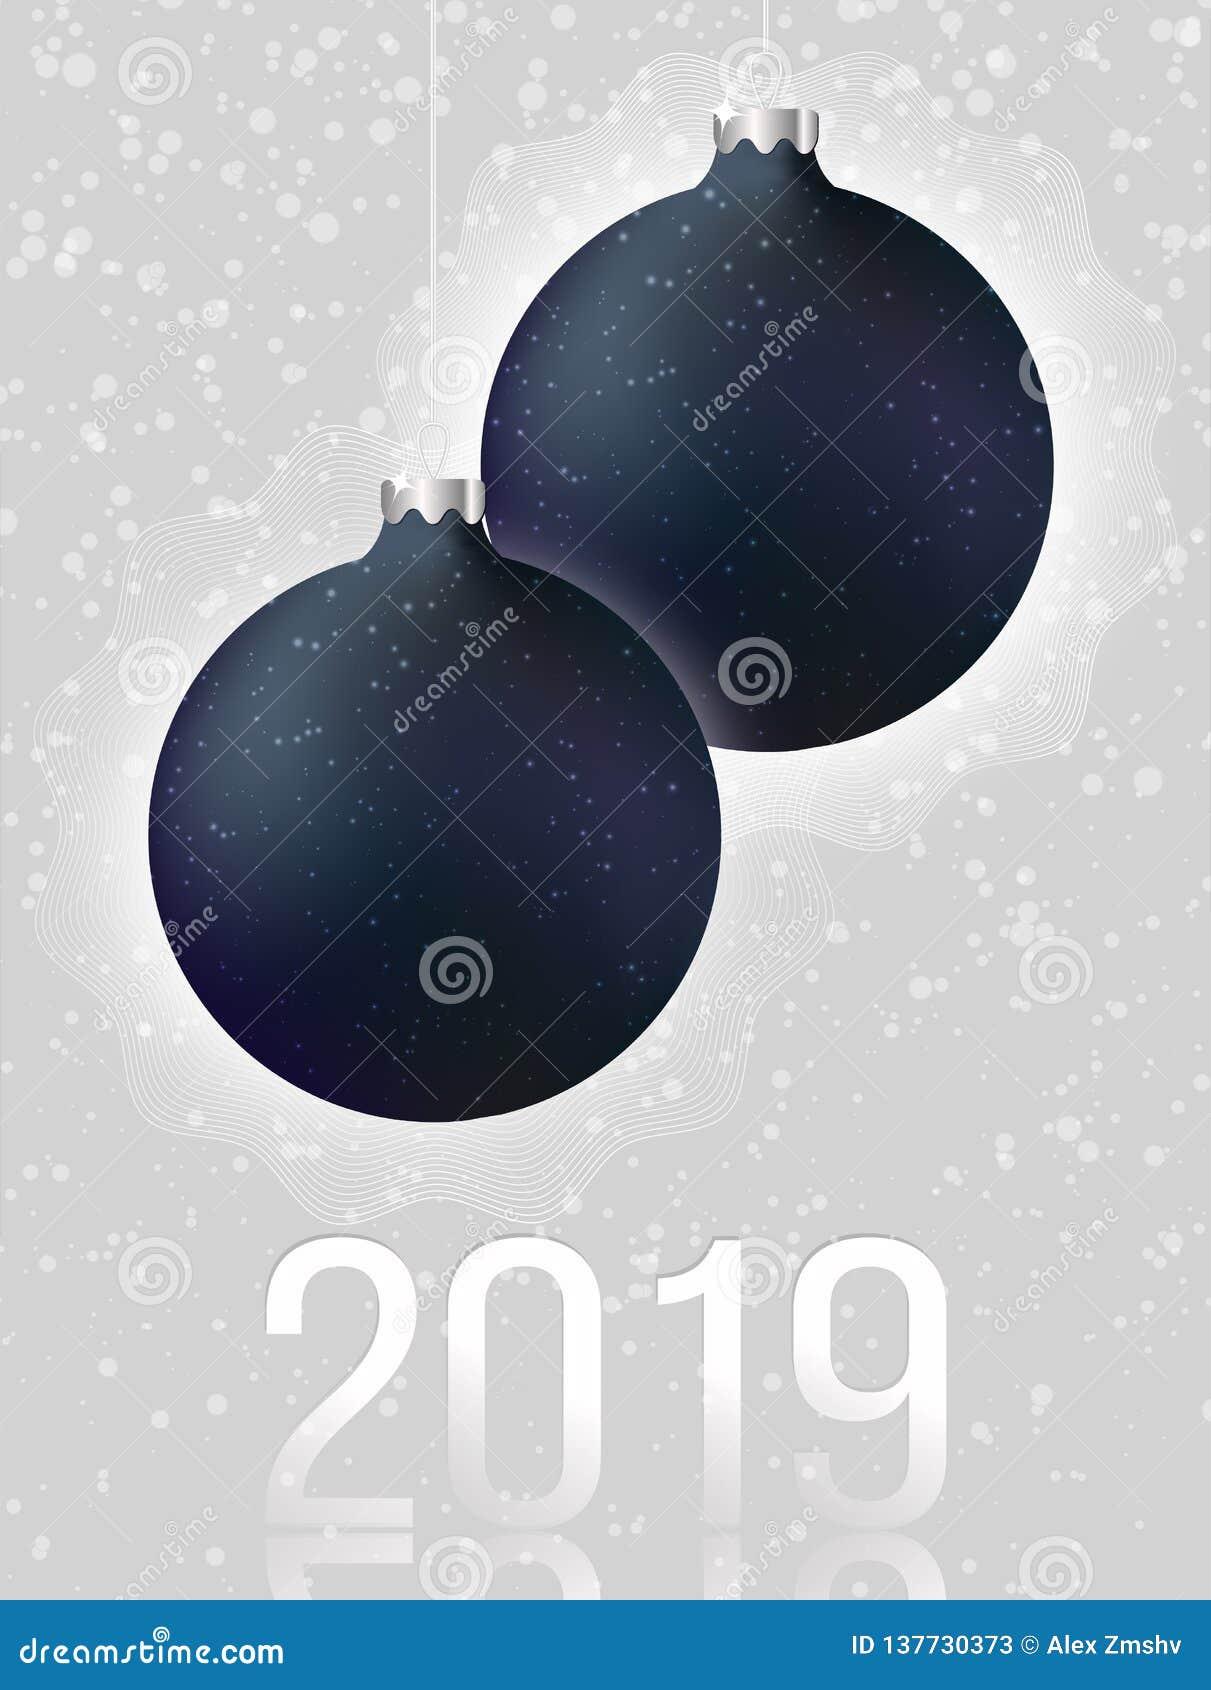 Μαύρες σφαίρες Χριστουγέννων στο ανοικτό γκρι υπόβαθρο